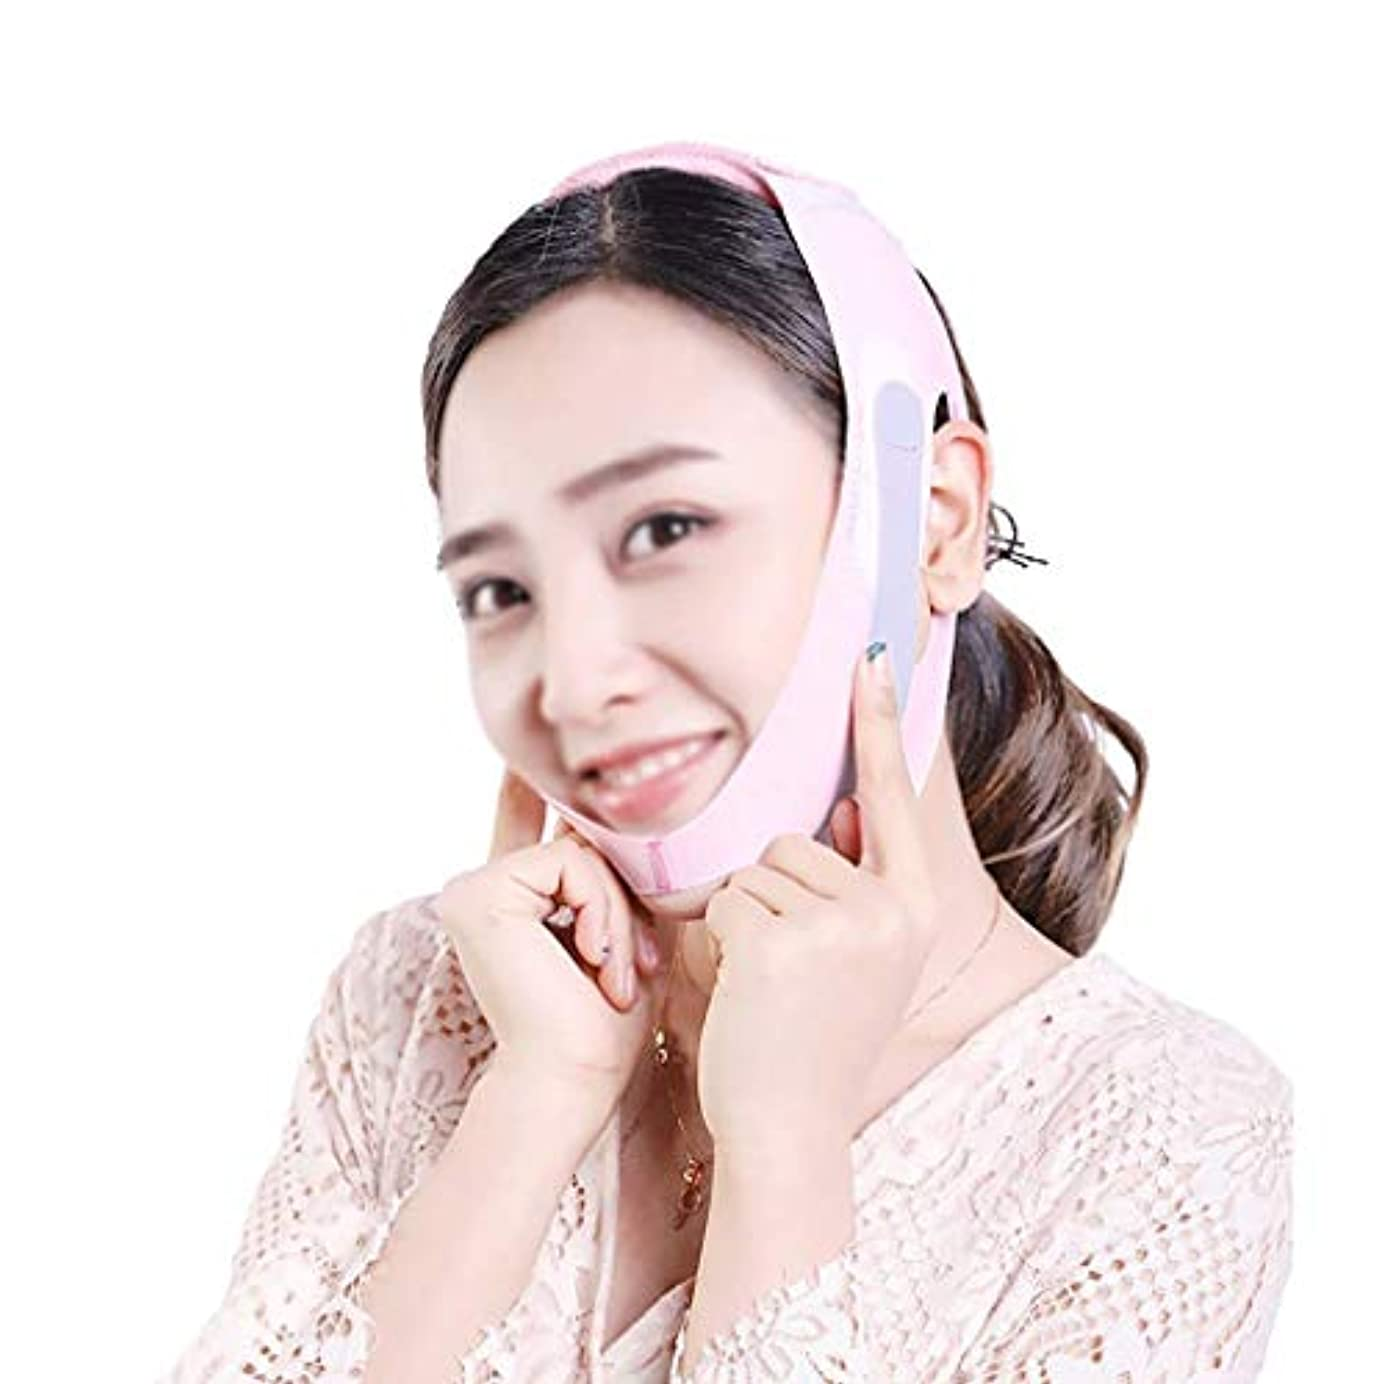 高原インシデント遅らせるフェイシャルマスク、フェイスリフティングアーティファクト包帯リムーバーダブルチンスティックリフティングタイトなマッサージ師筋肉リフティングフェイスを垂れ防止スリミングベルト